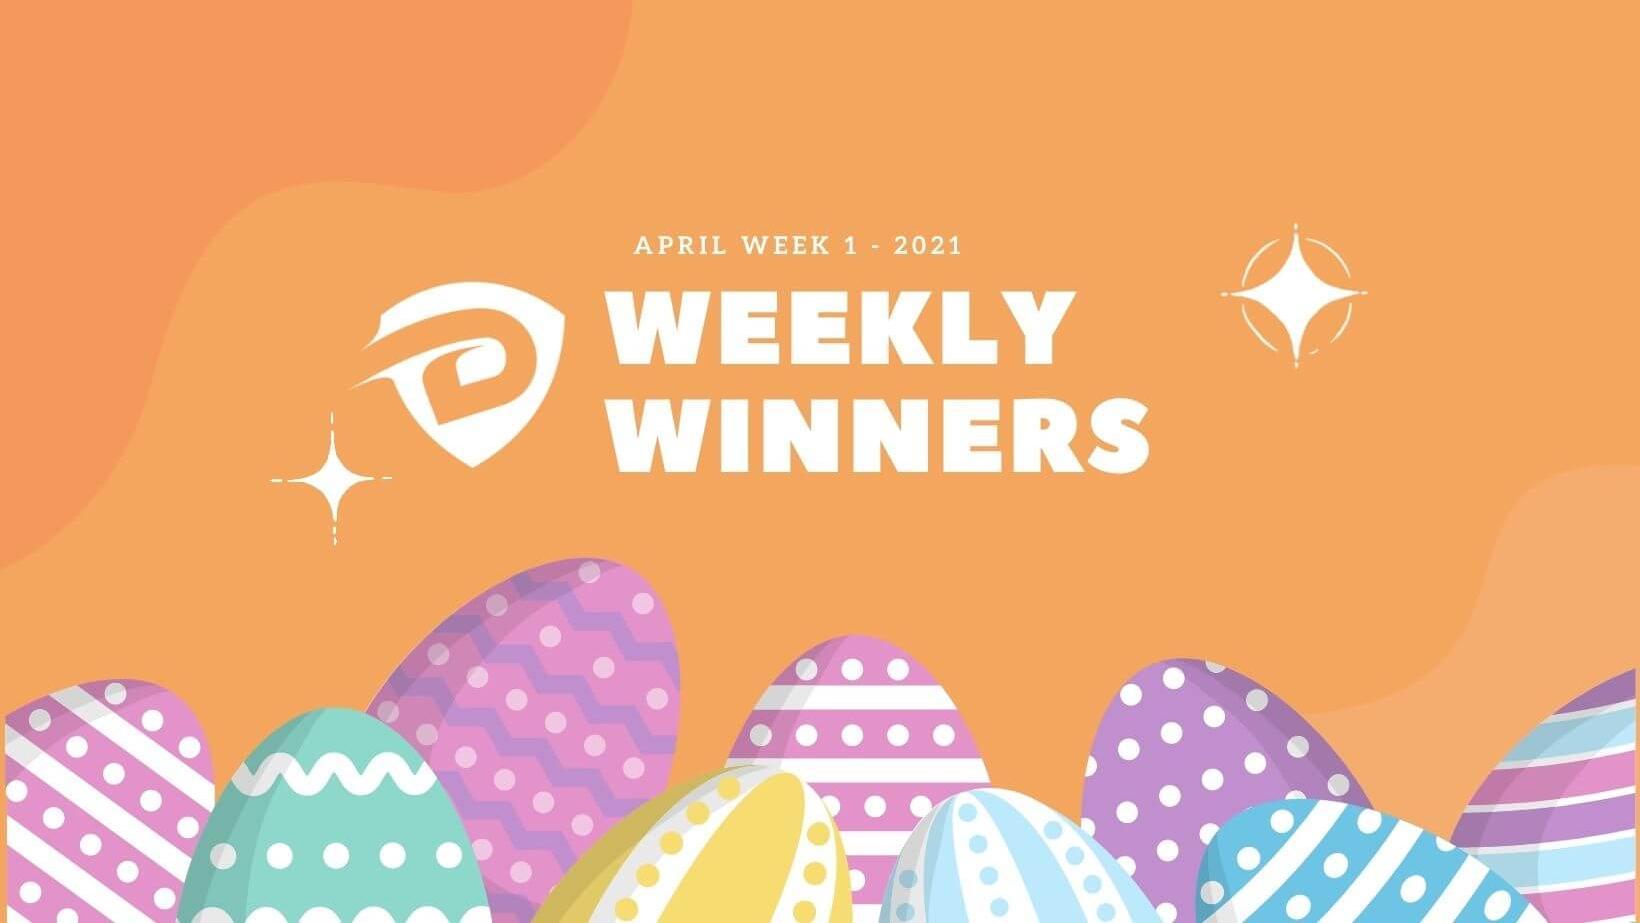 DevDojo Weekly Winners Week 1 April 2021